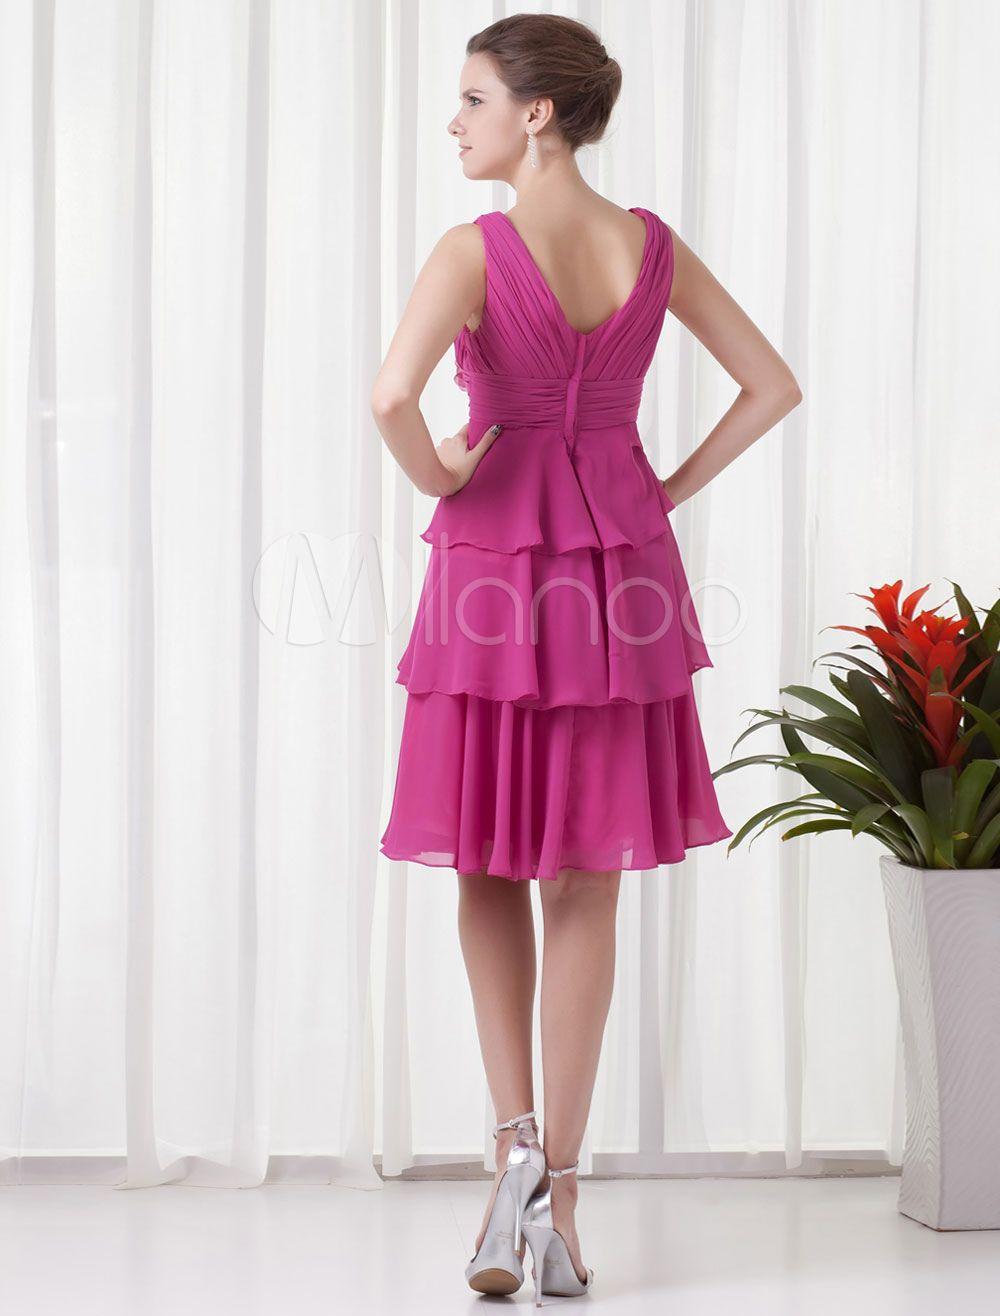 Dama corta rebordear vestido con cuello en v vestido de Cóctel ...